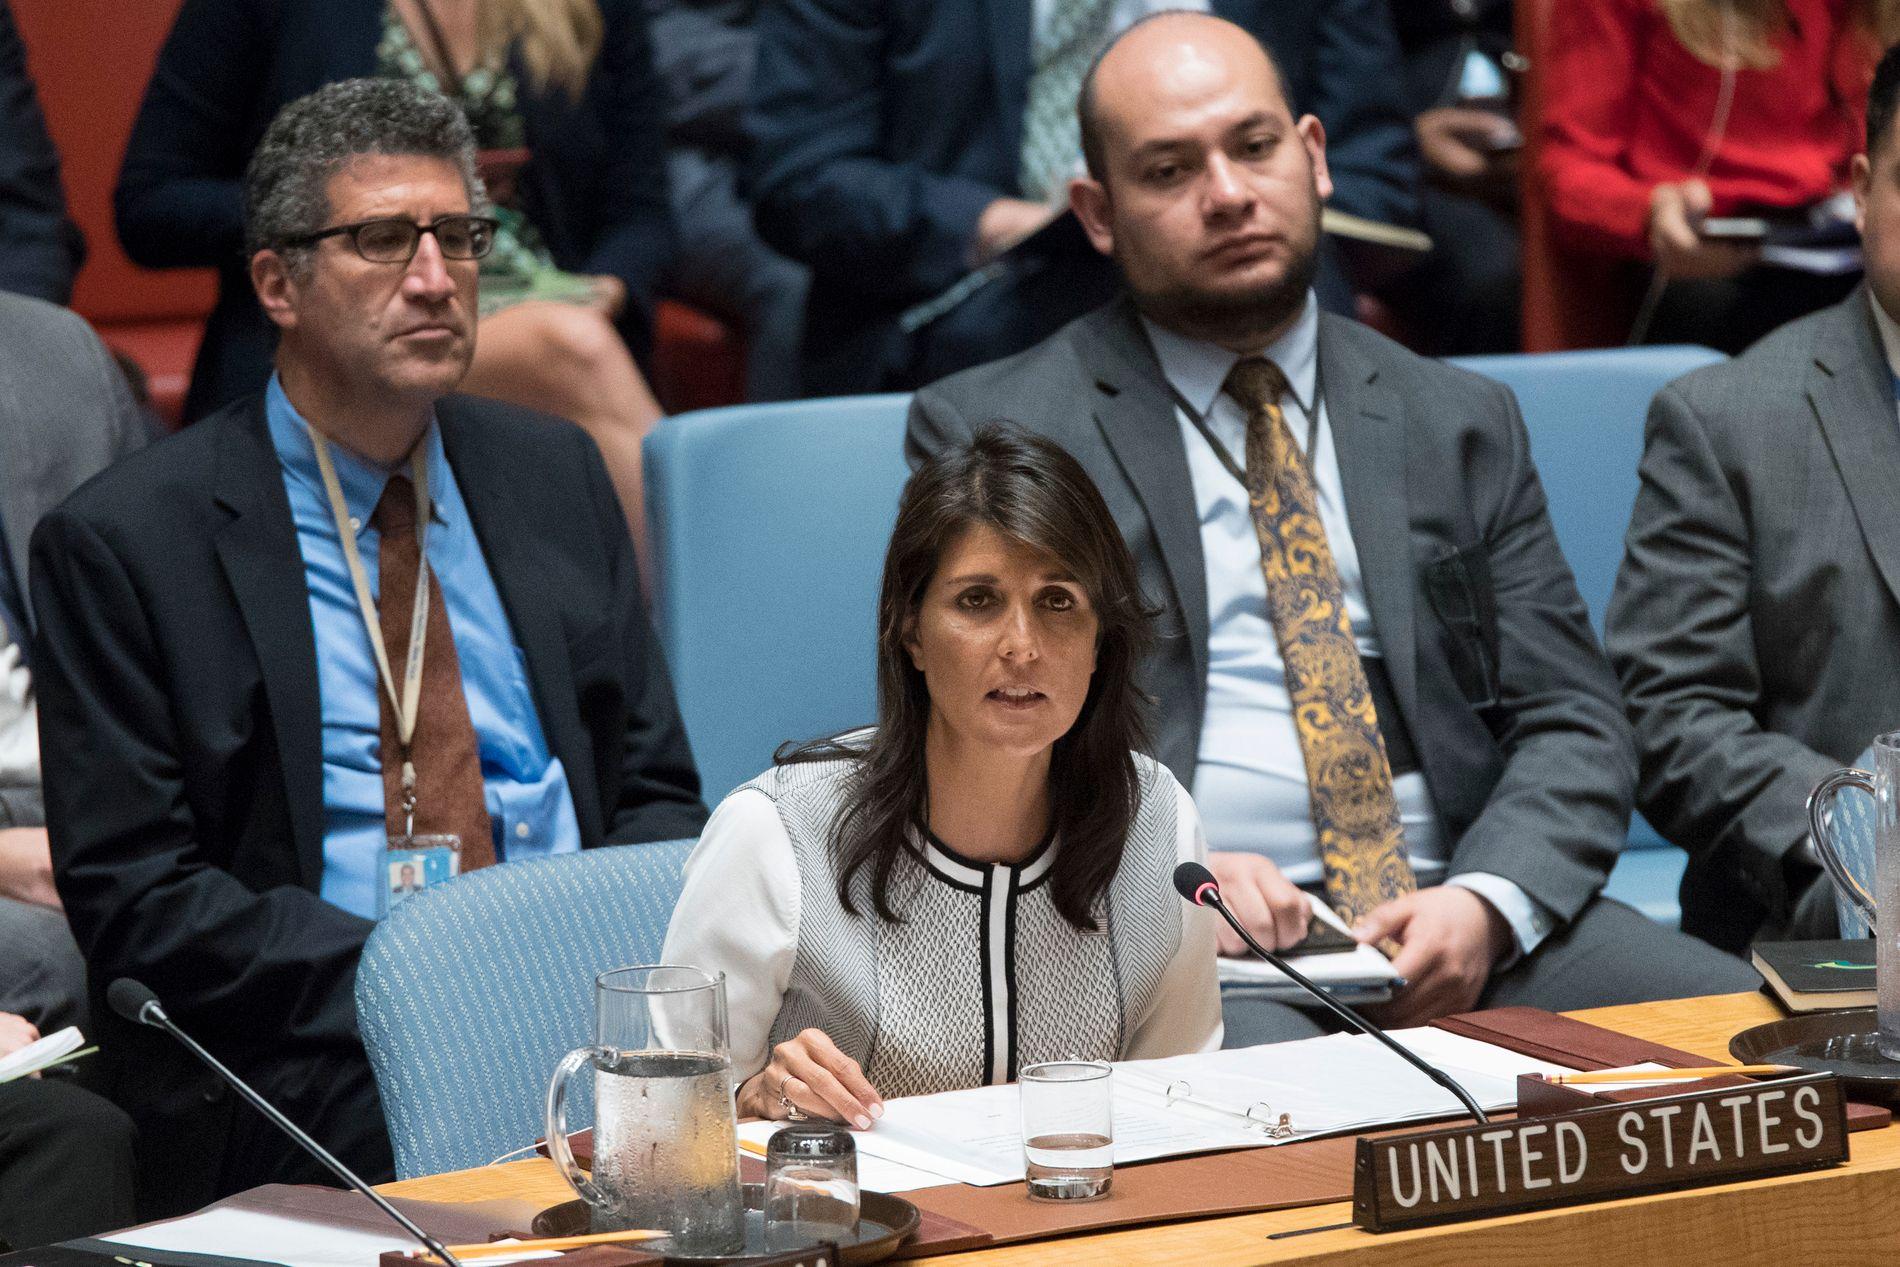 VETO: USAs FN-ambassadør Nikki Haley sier at det ikke er tvil om at USA vil stemme mot et resolusjon om beskyttelse av palestinerne.